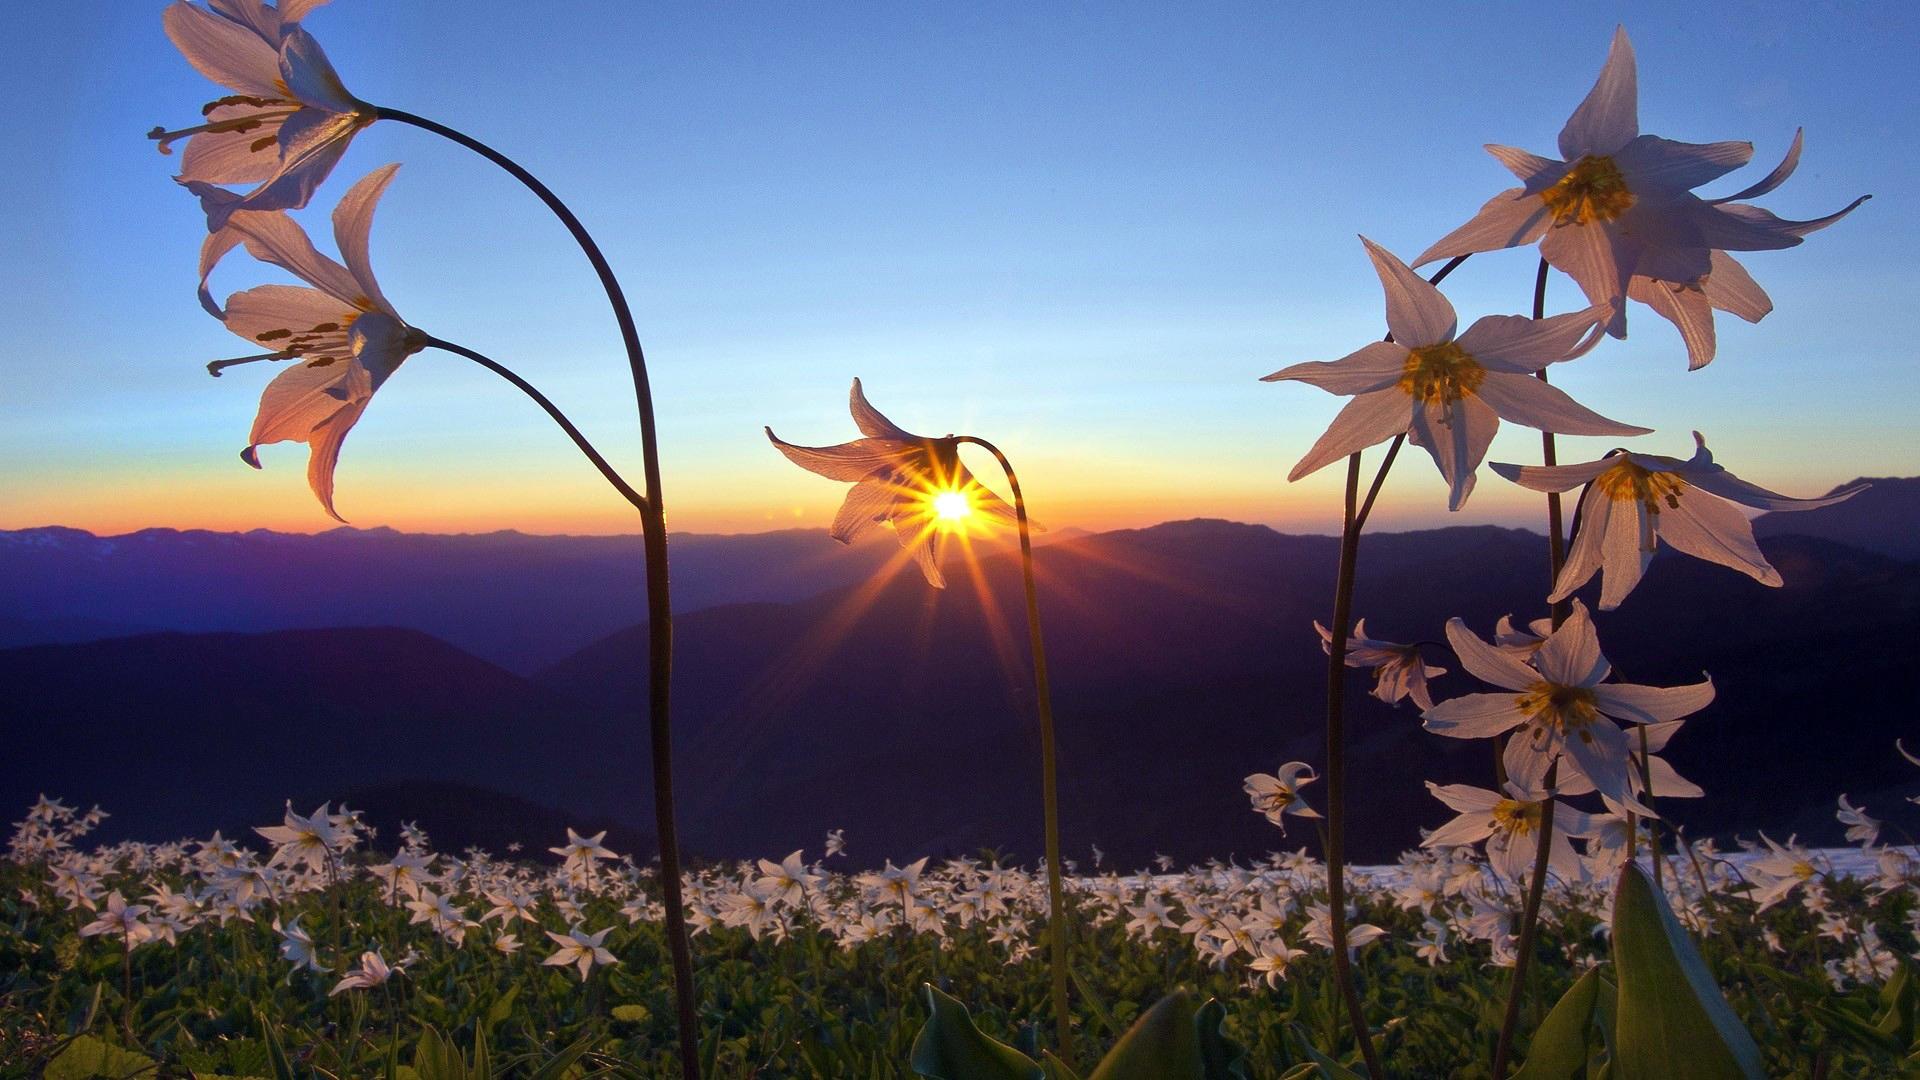 природа цветы трава мельниц восход солнце  № 2556627 загрузить